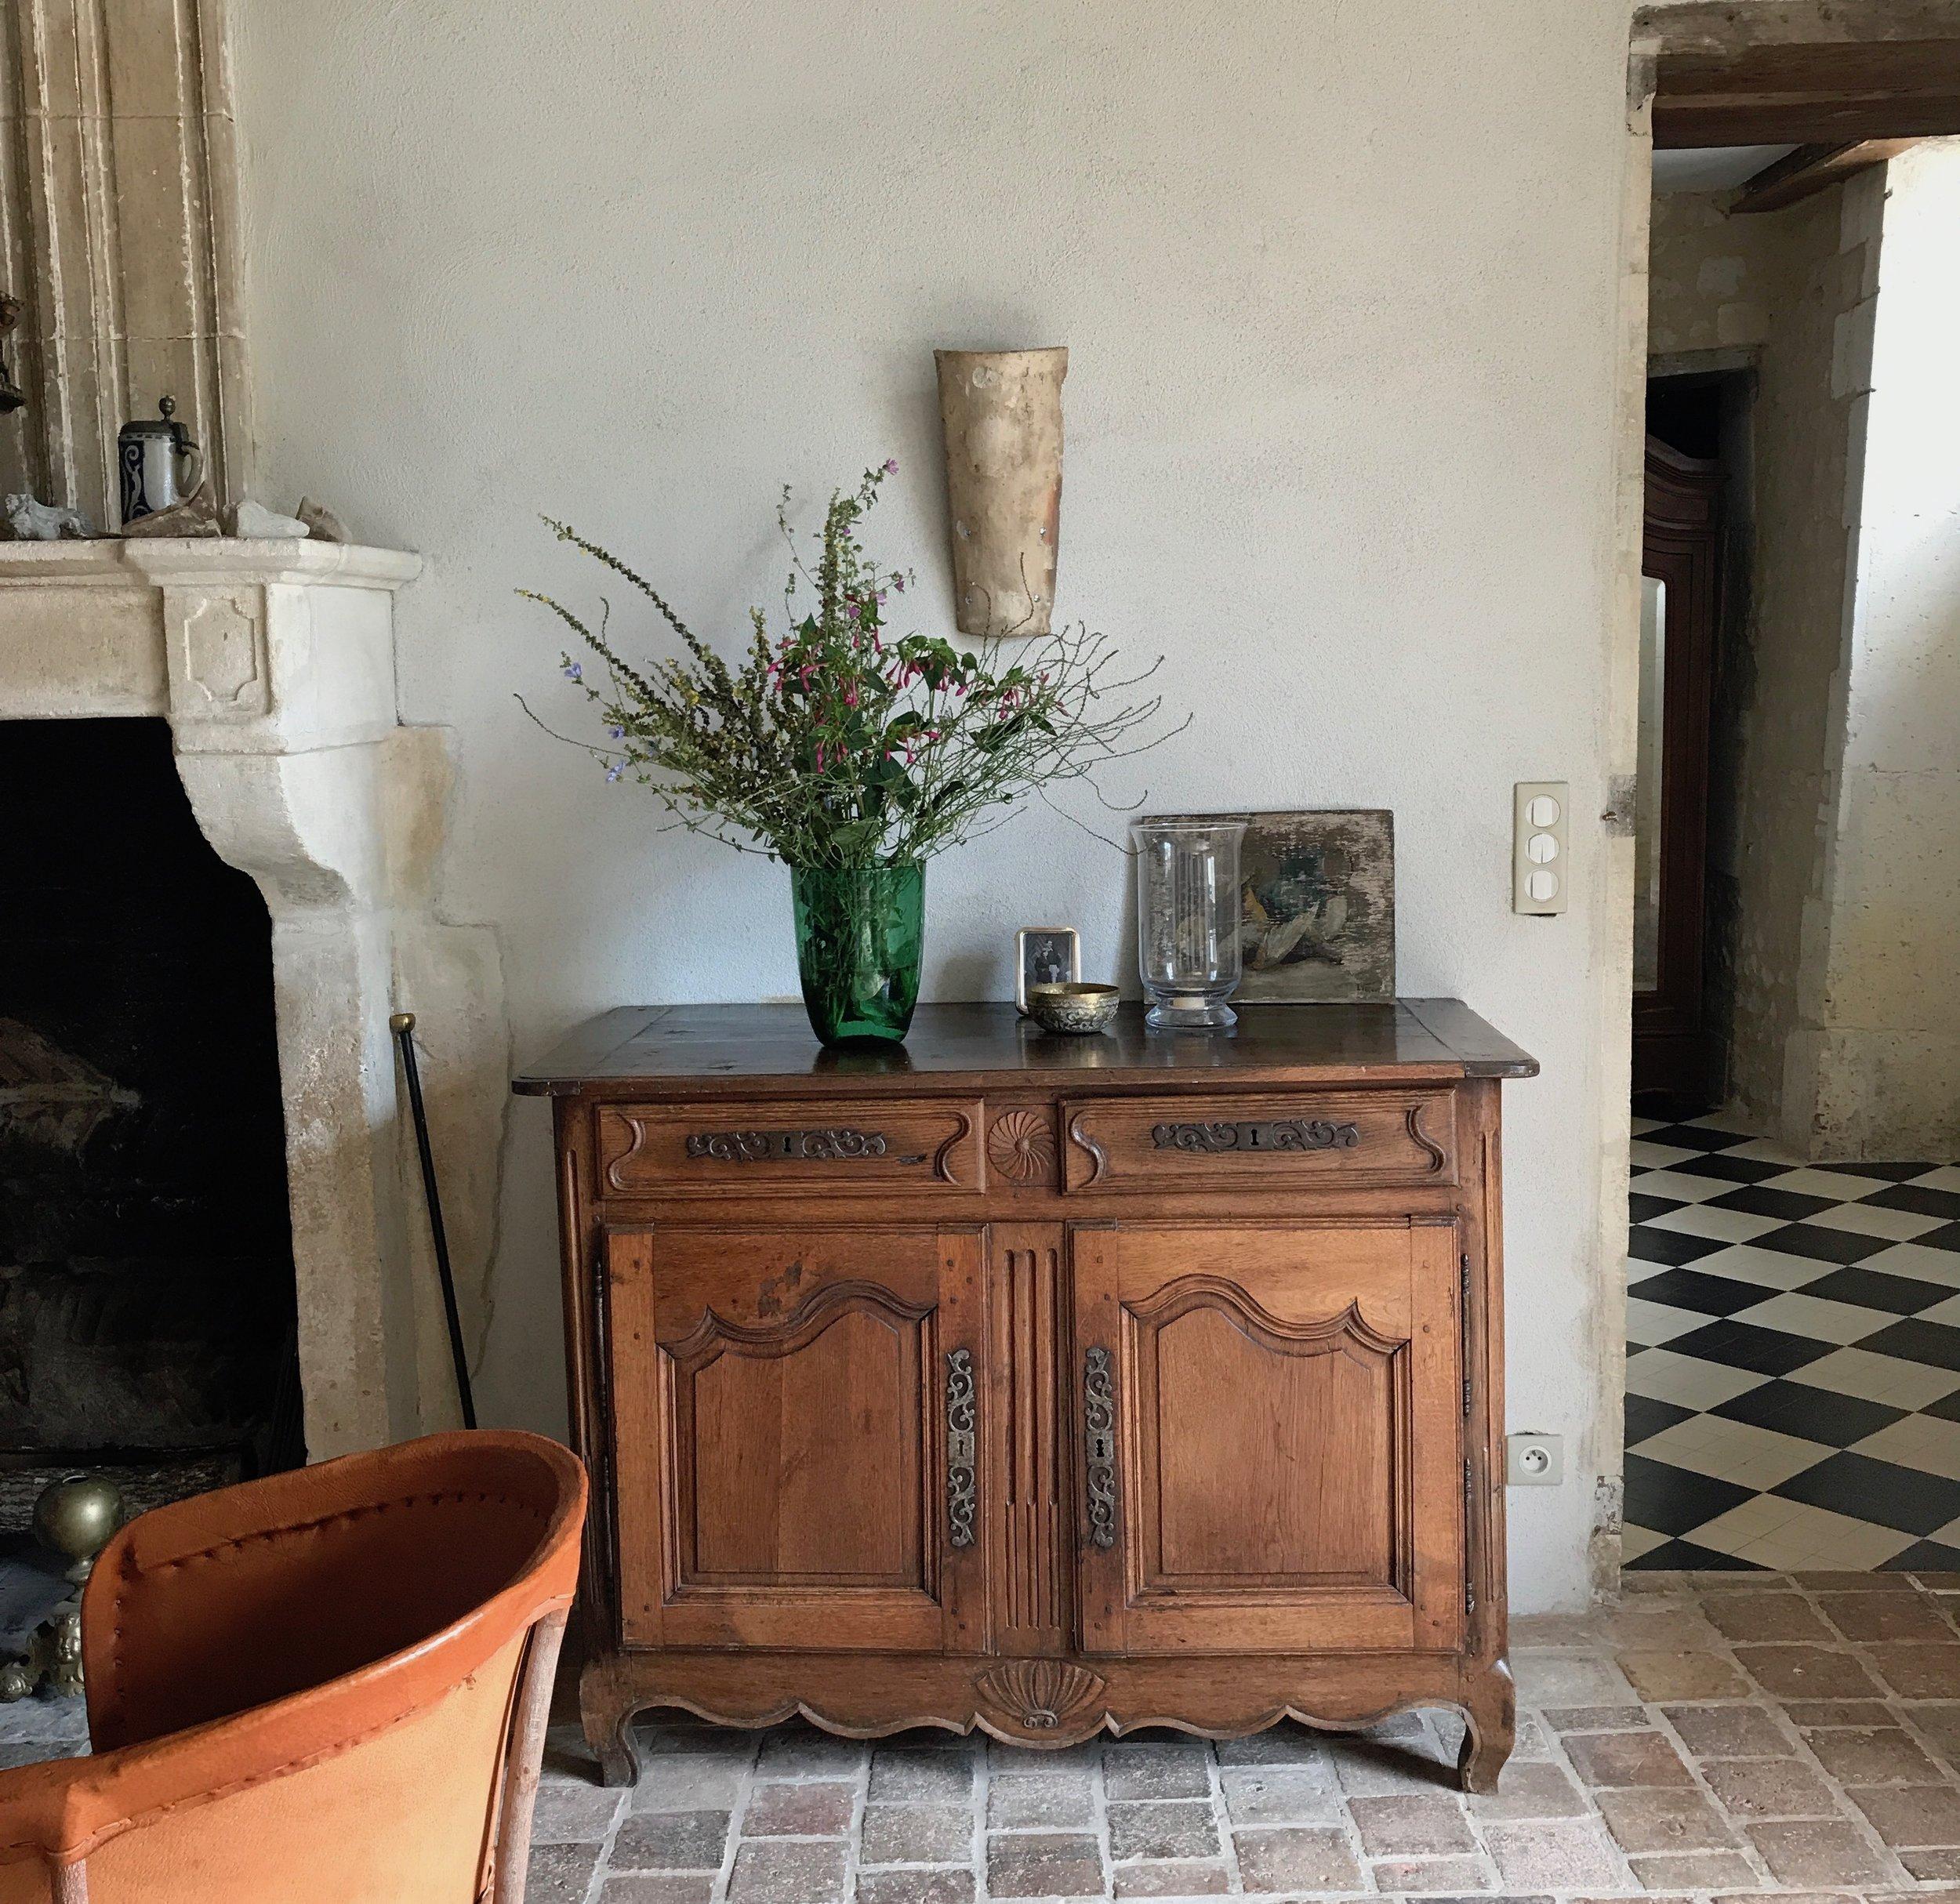 Das château - Das Herrenhaus kombiniert stilvoll antik und modern. Entdecken Sie mehr.